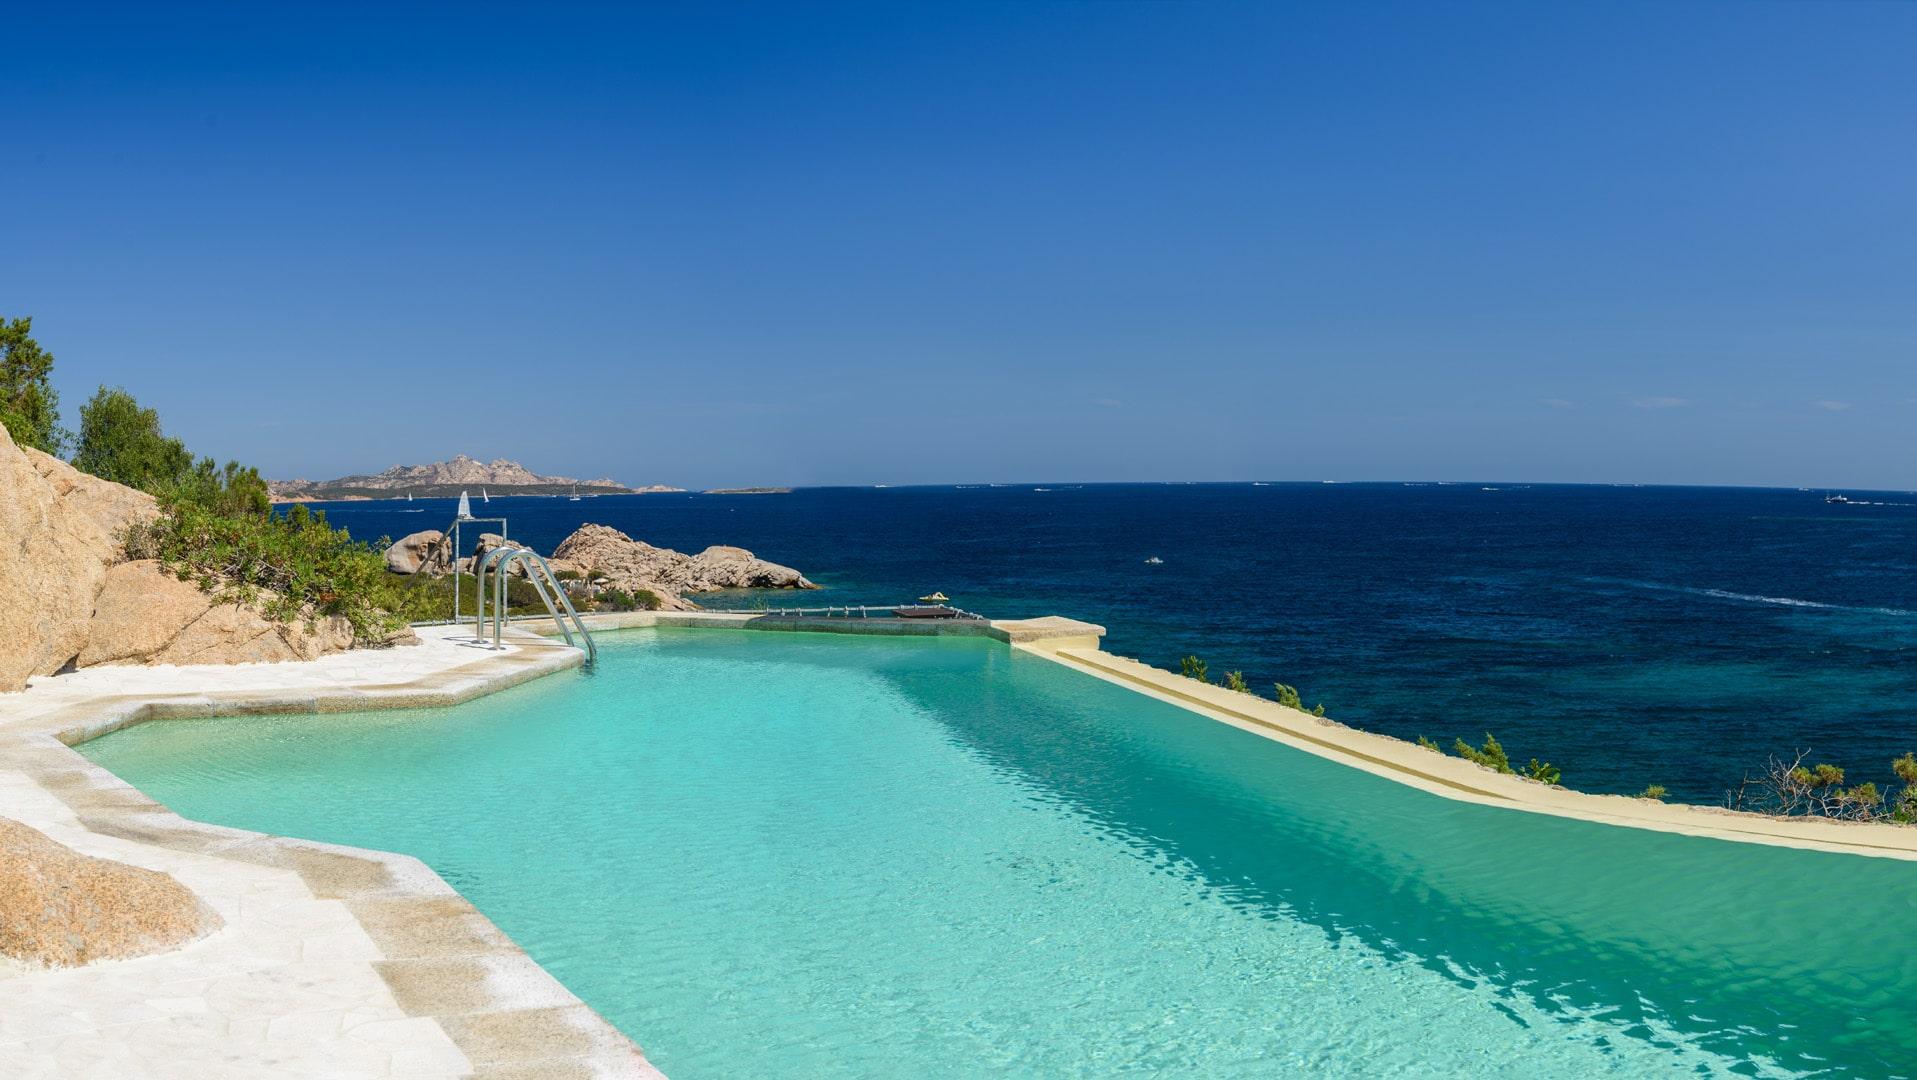 Villa fronte mare Costa Smeralda